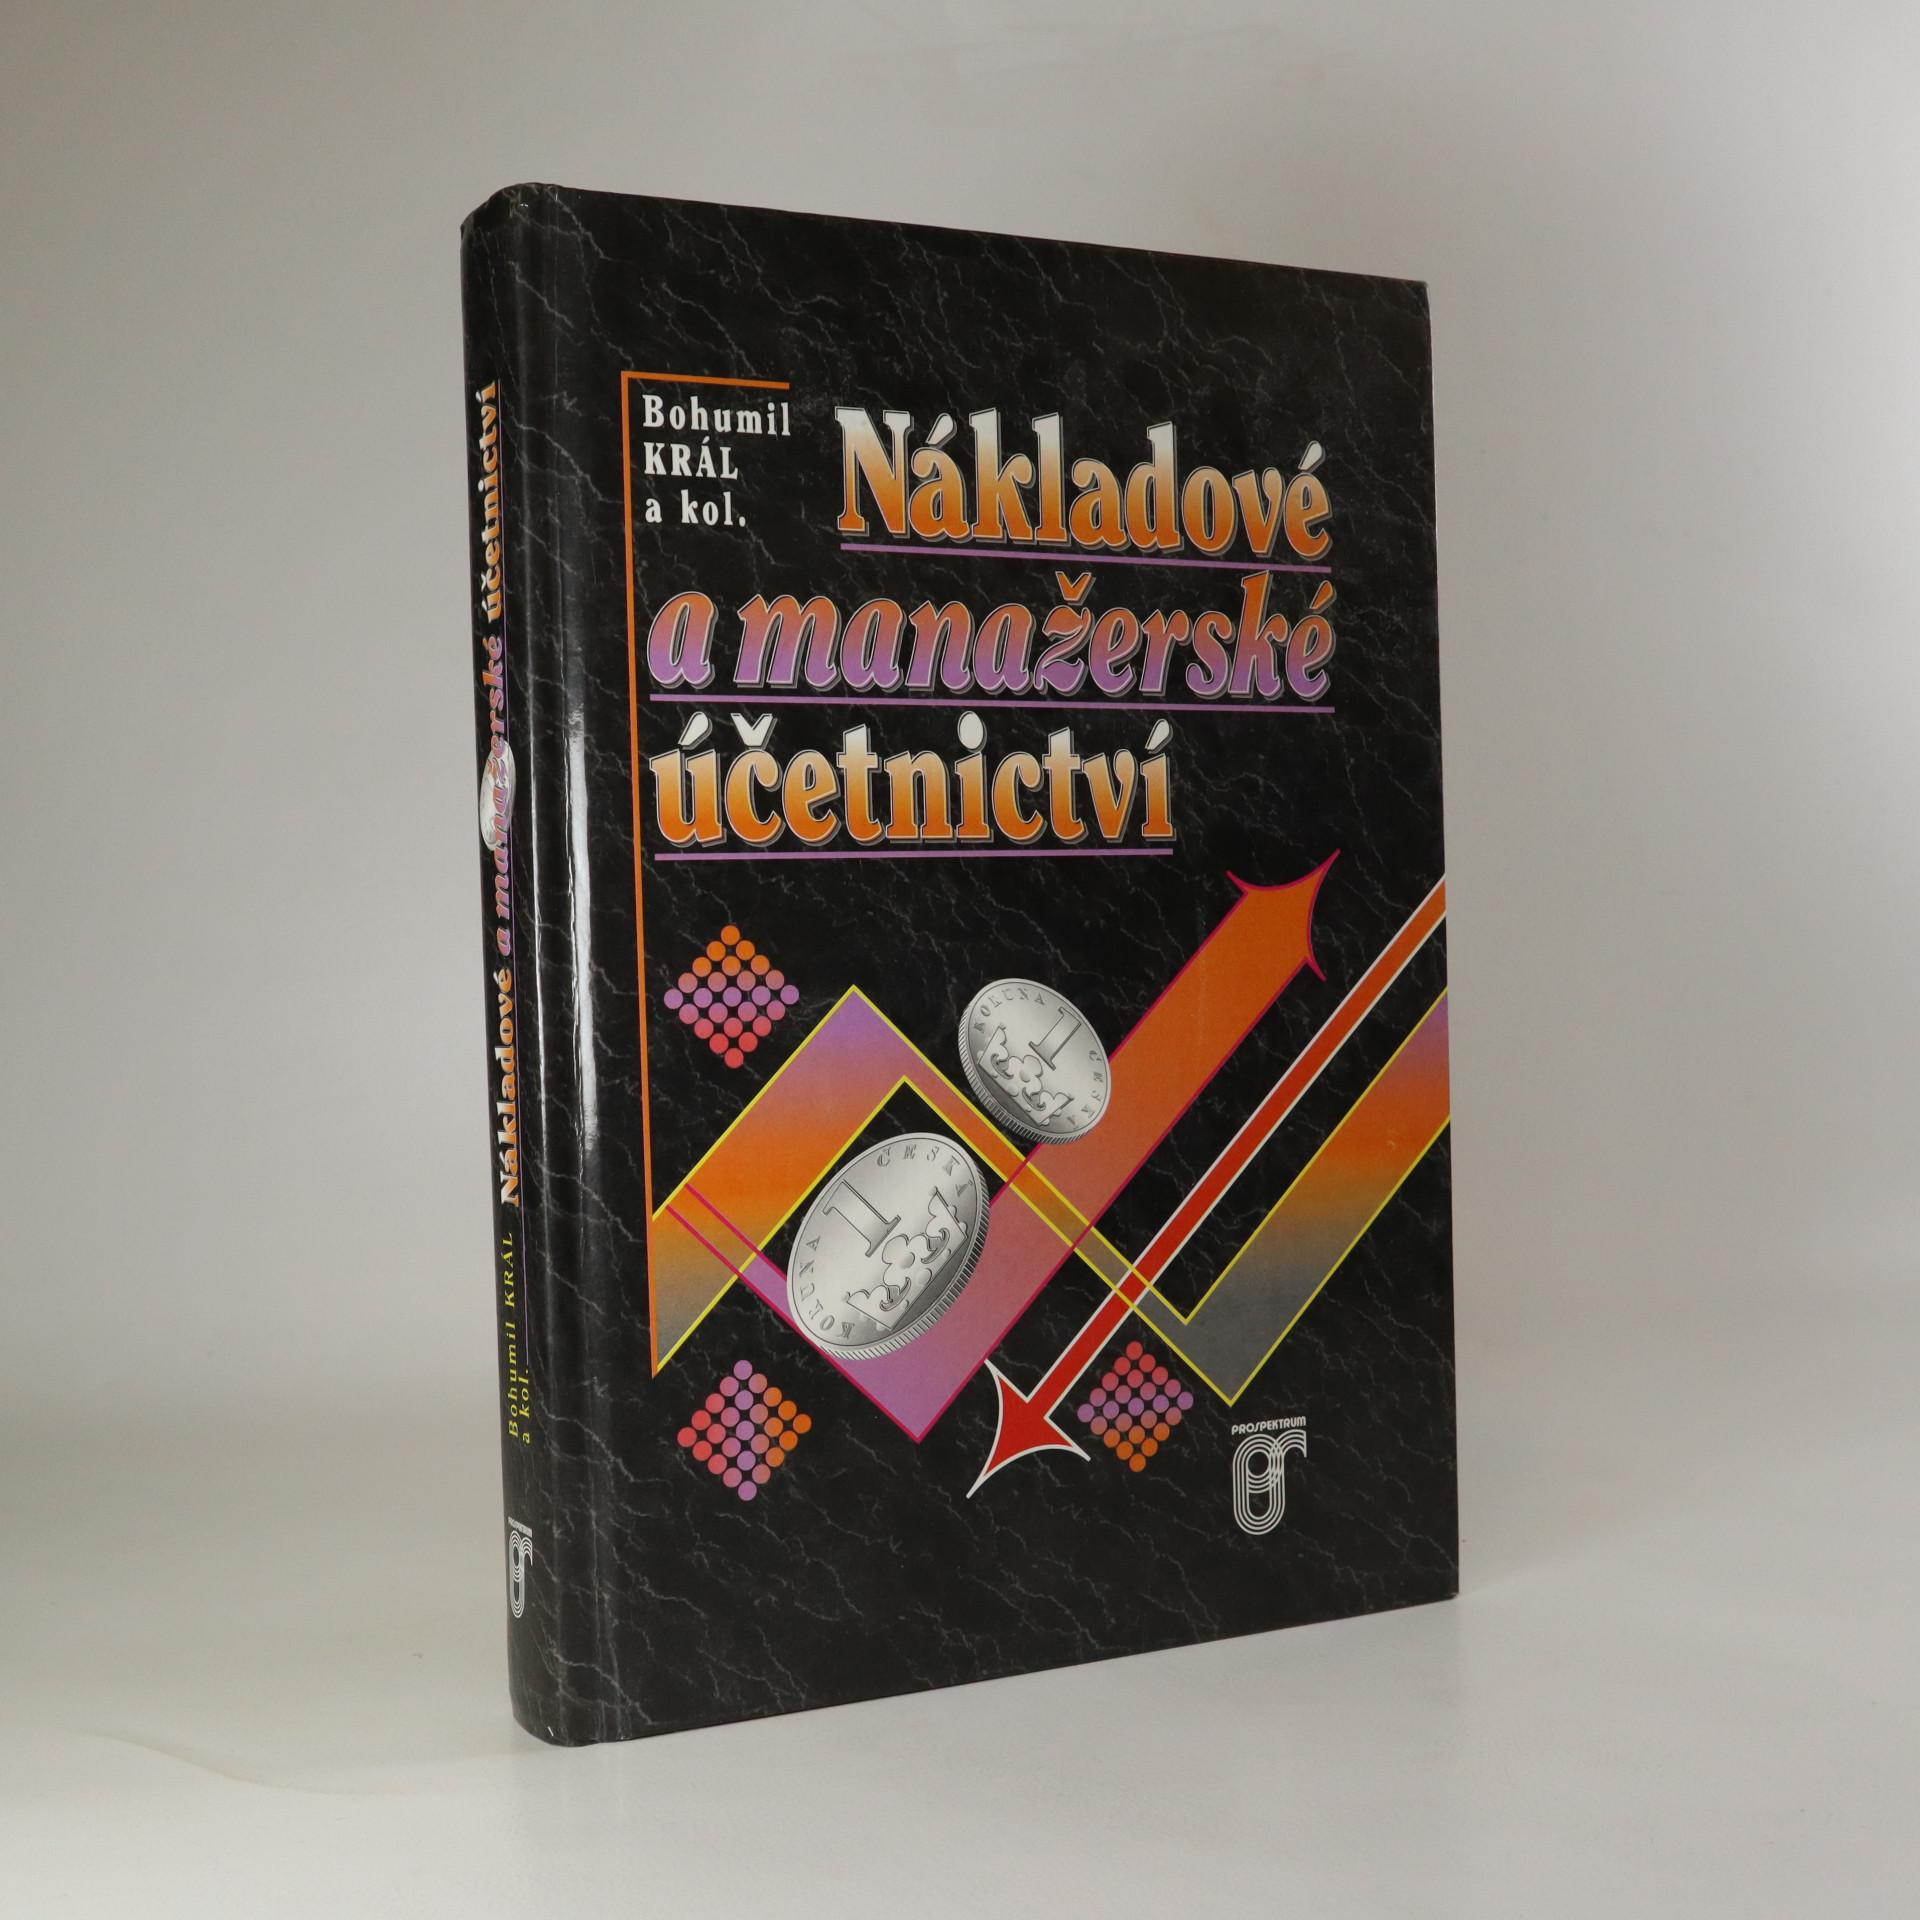 antikvární kniha Nákladové a manažerské účetnictví, 1997